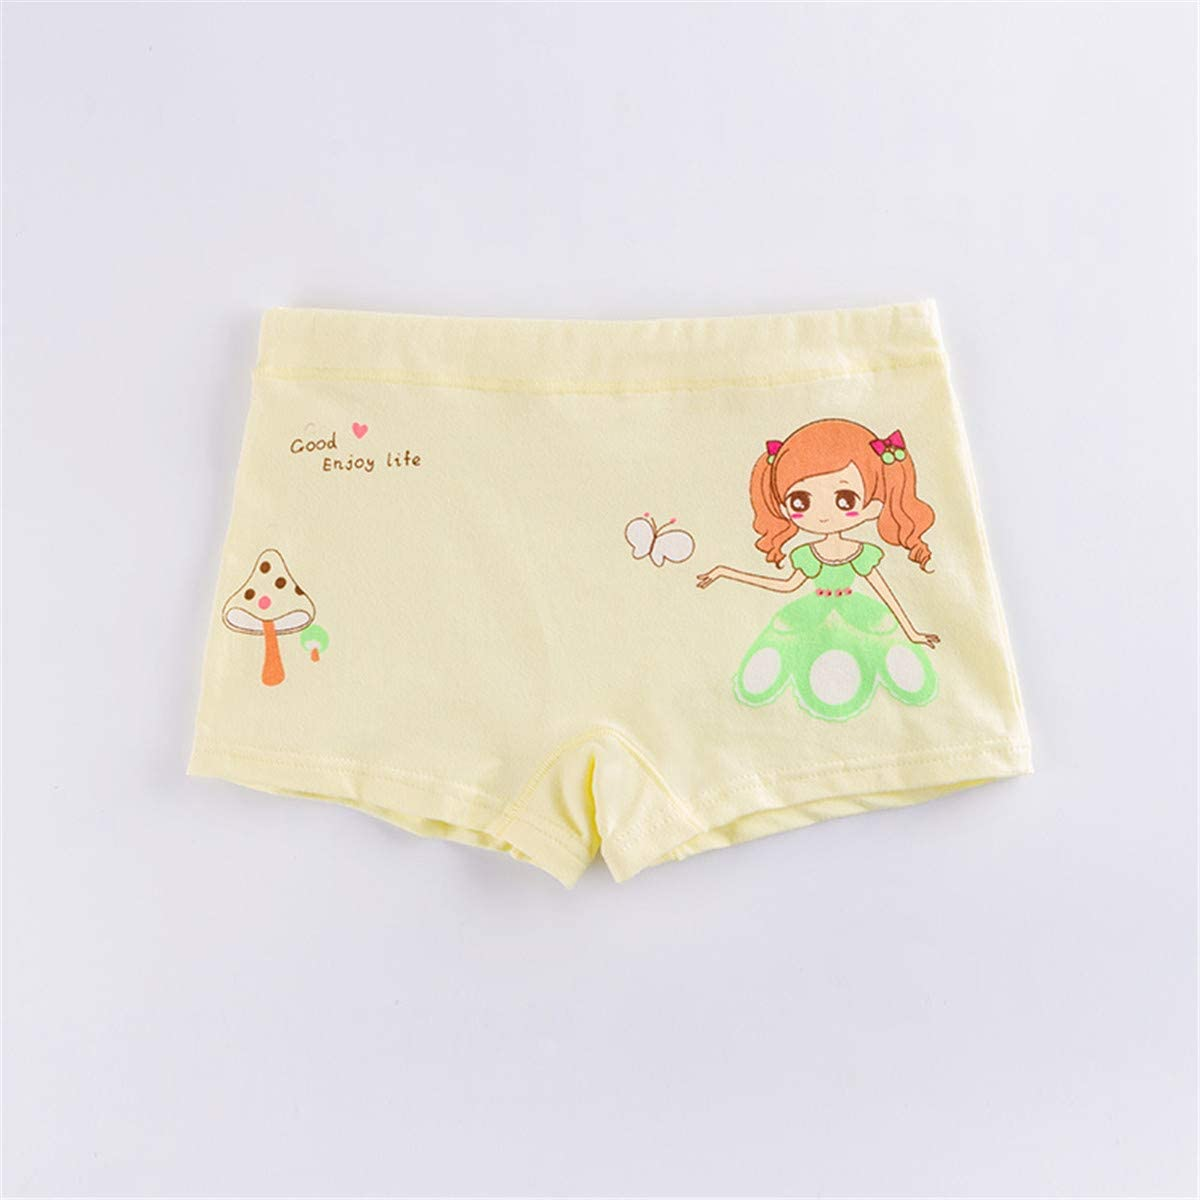 Lot de 5 boxers pour petites filles et b/éb/és motif princesse lapin fraise